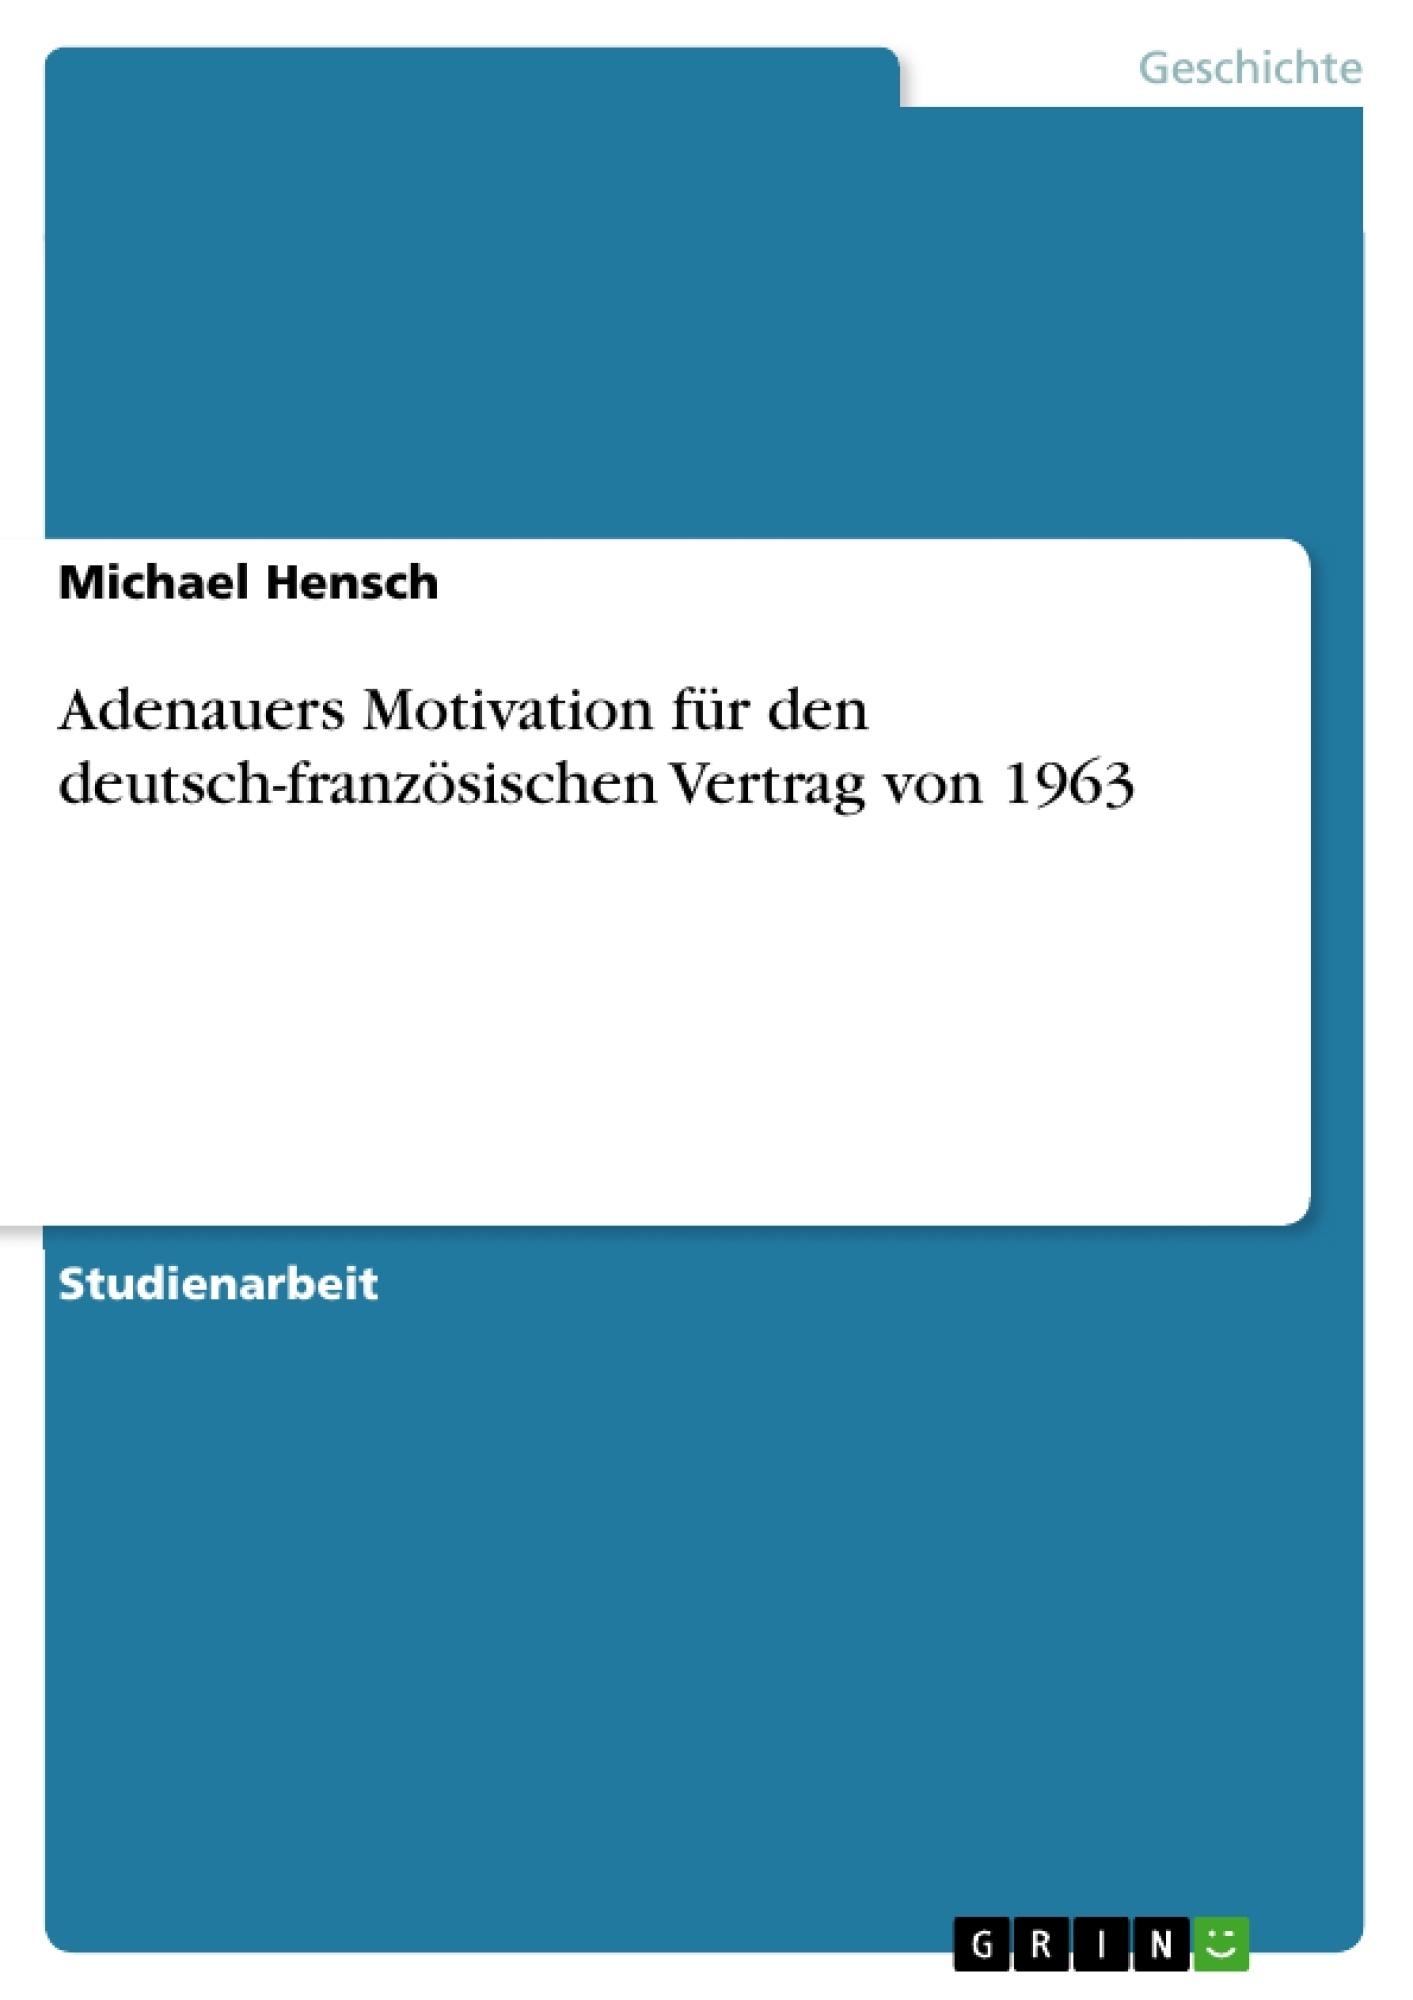 Titel: Adenauers Motivation für den deutsch-französischen Vertrag von 1963